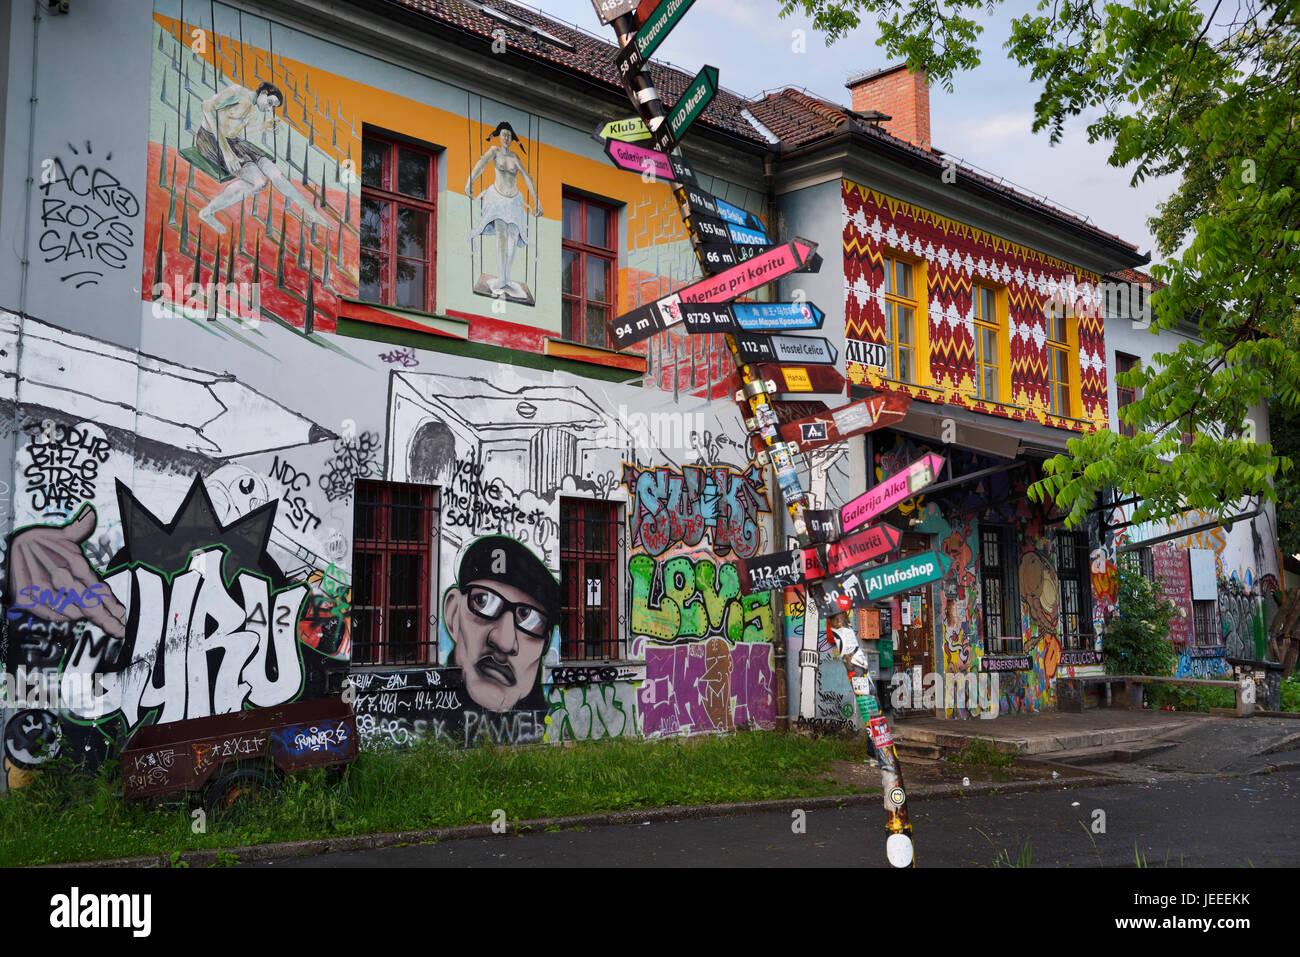 Des graffitis sur des capacités à Metelkova City Centre culturel autonome squat à l'ancienne Photo Stock